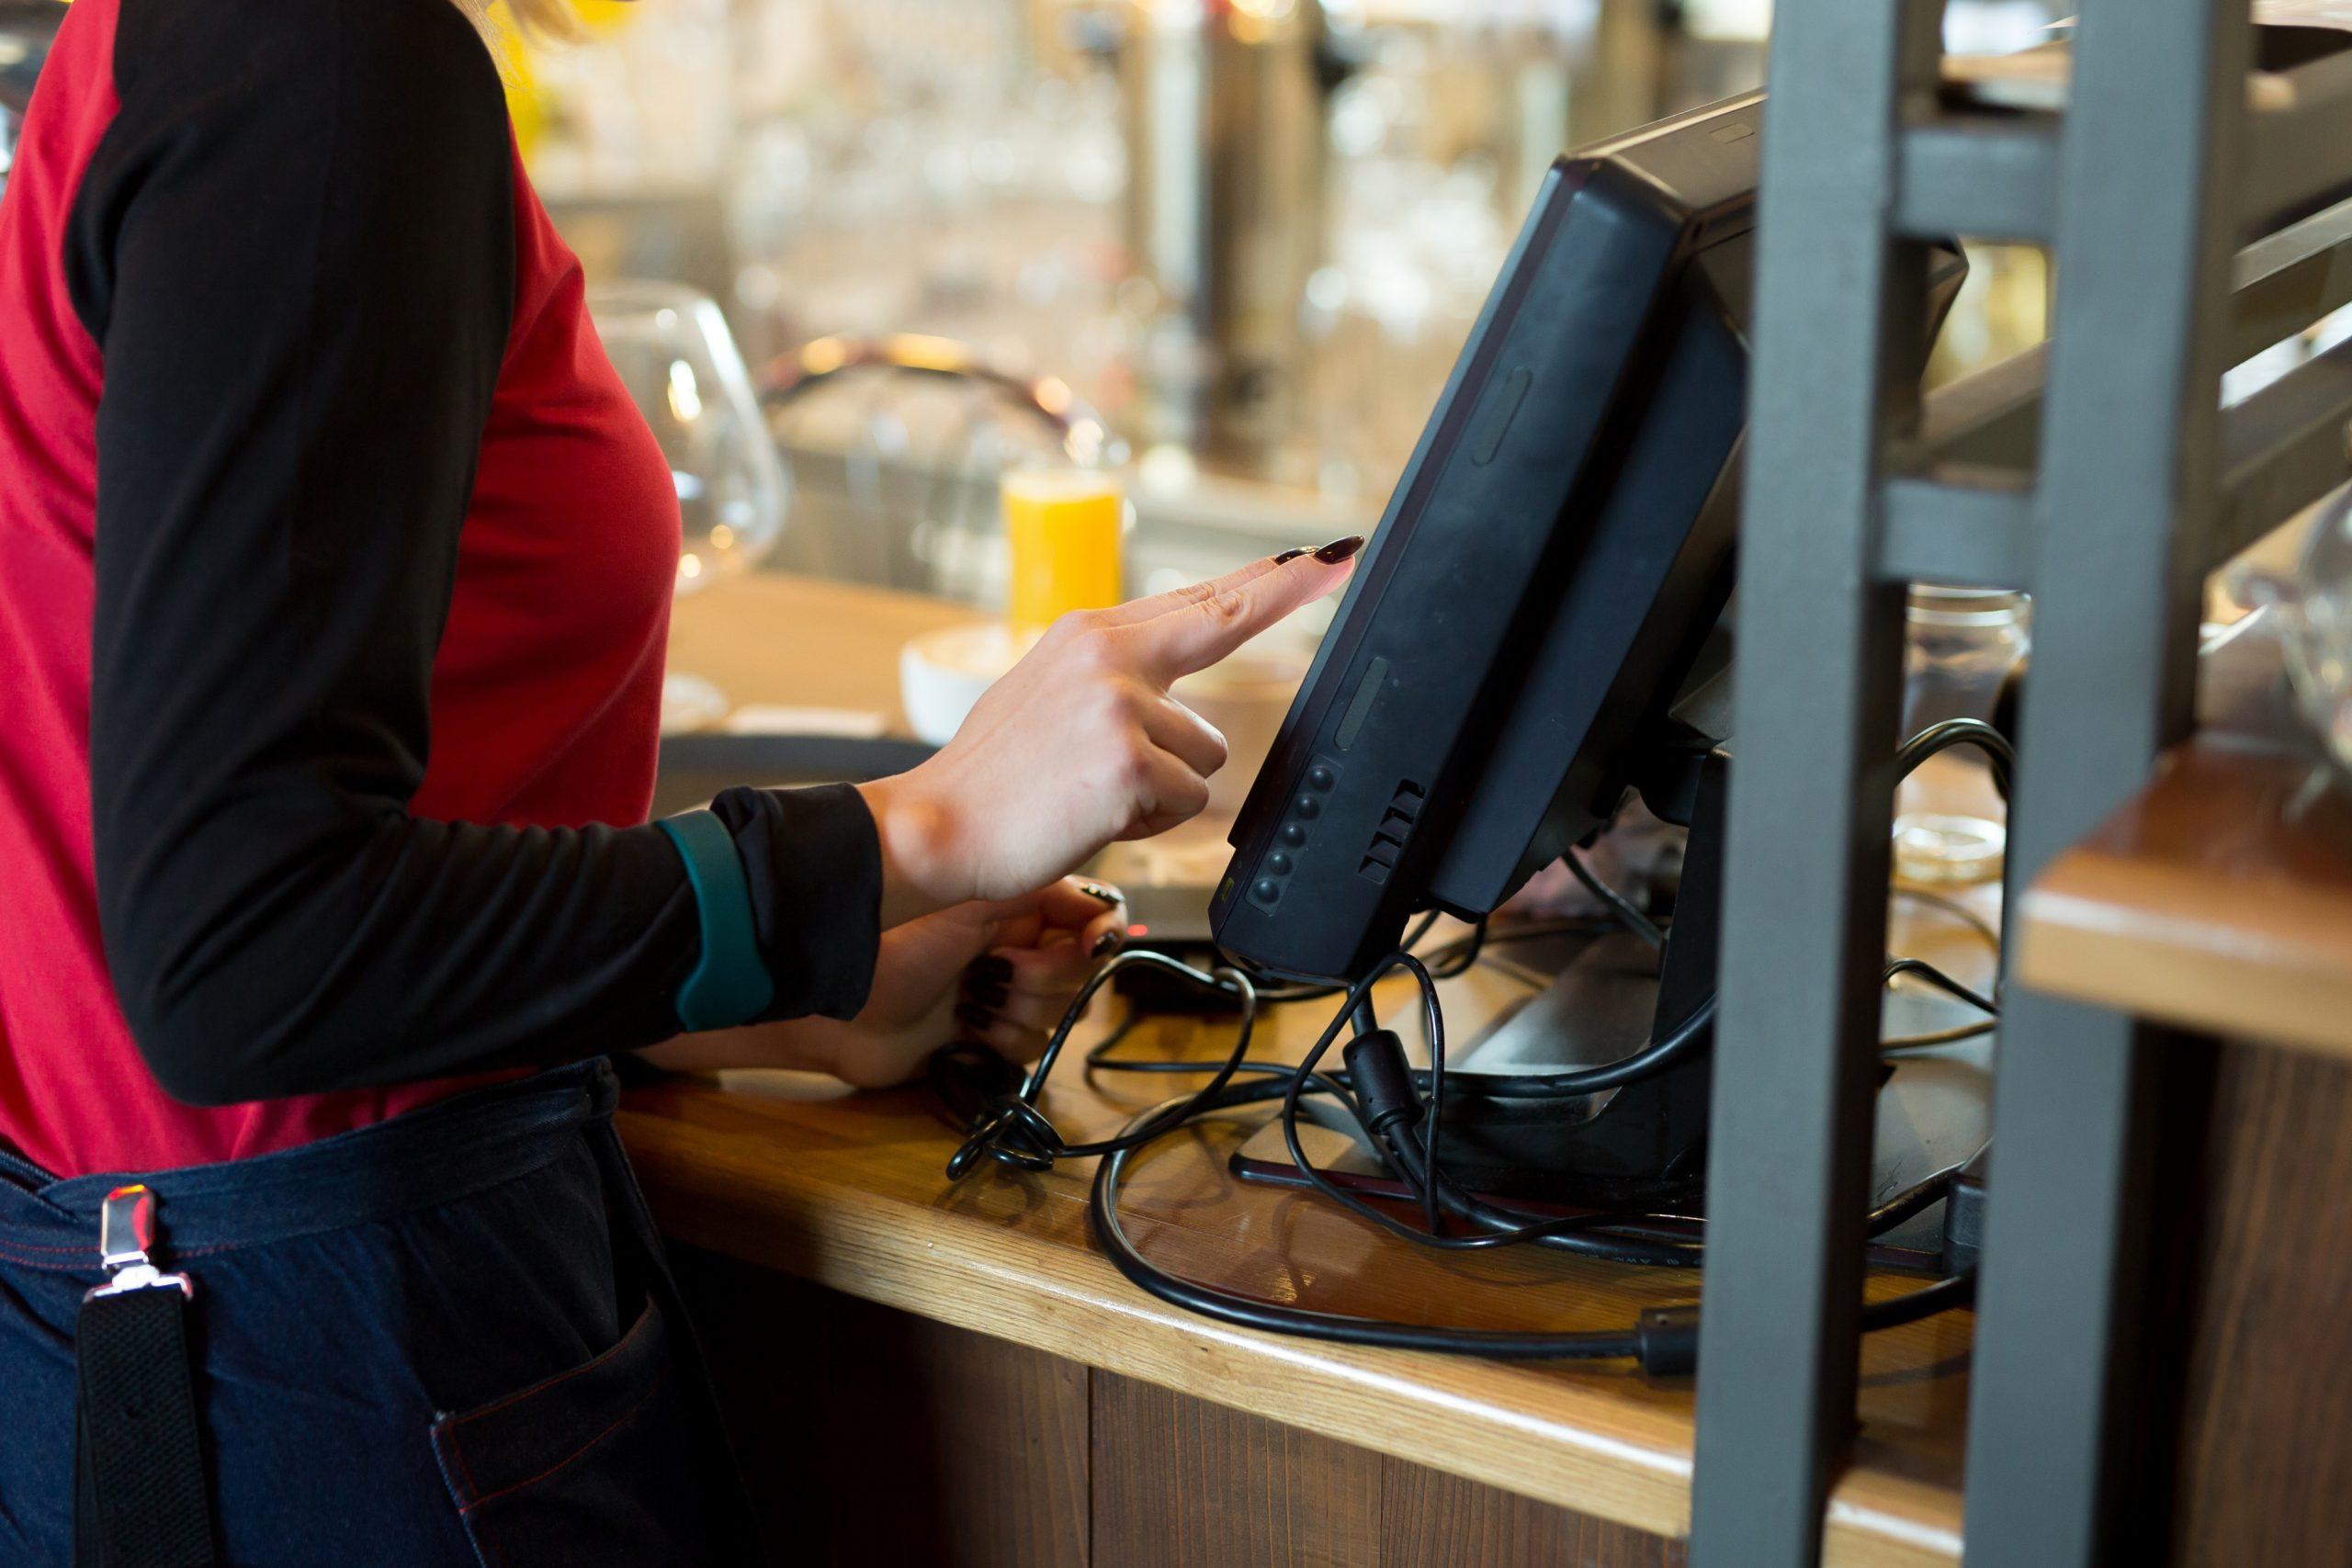 waiter-modern-cafe-bar-enters-order-payment-via-tablet-seekipper